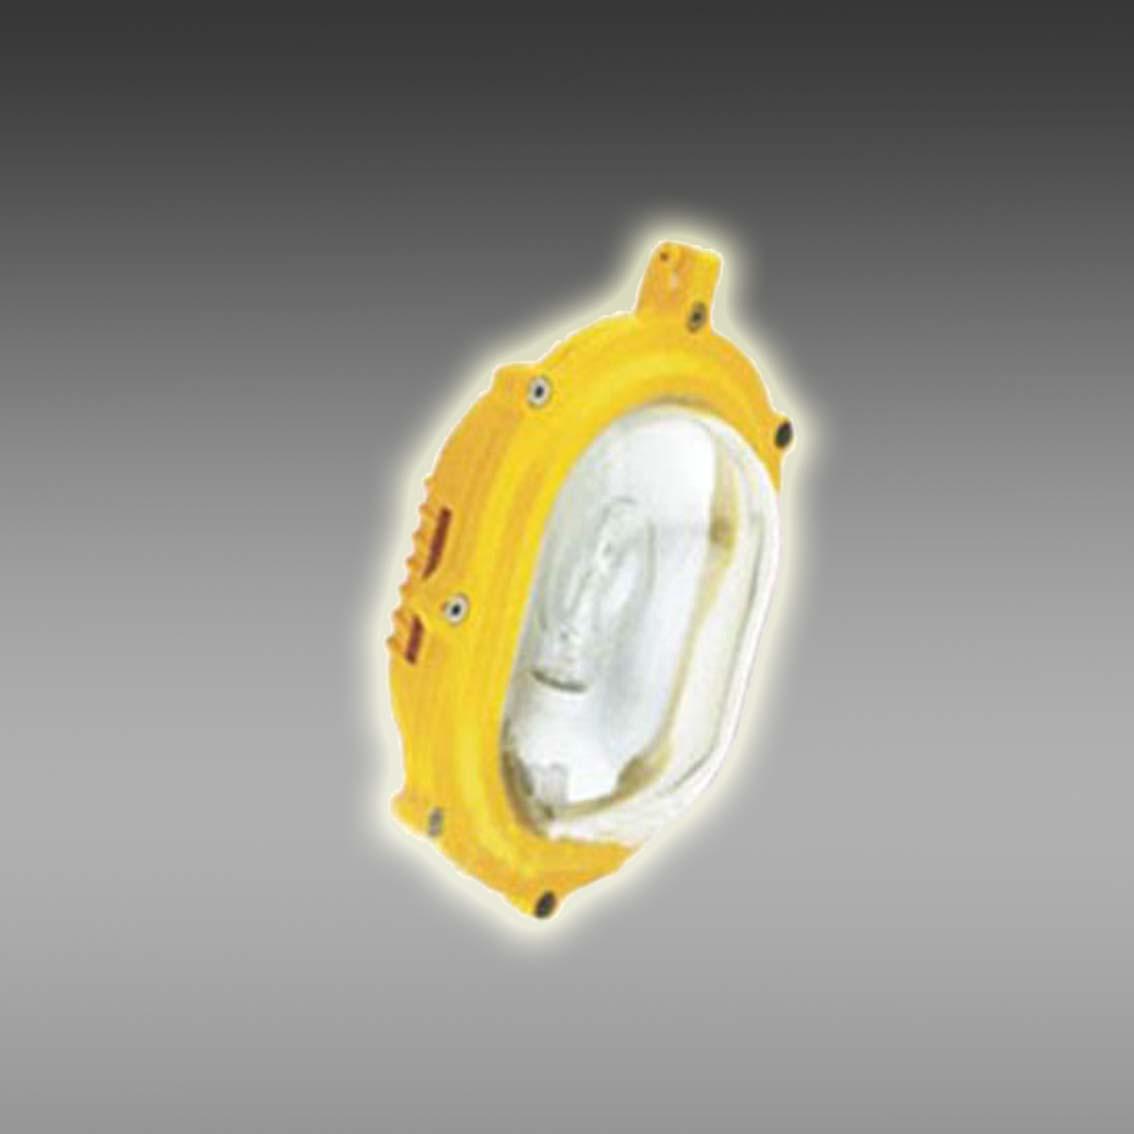 内场强光防爆灯JBF1100